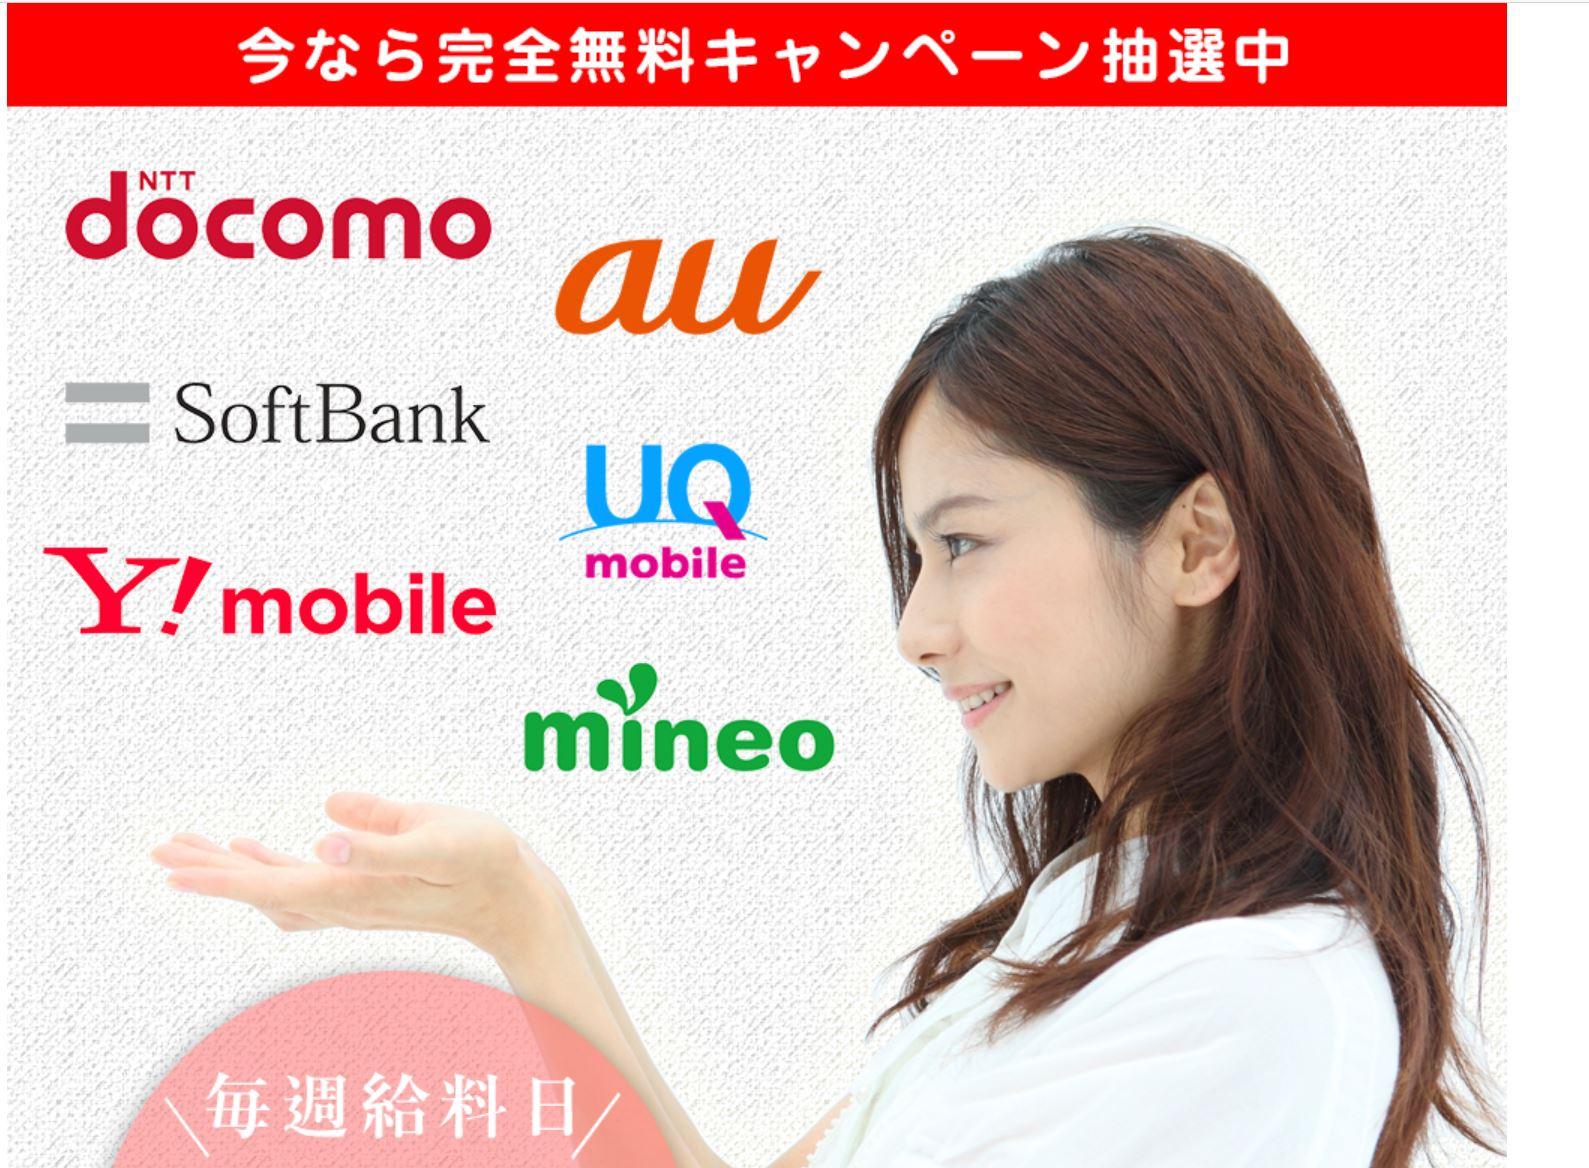 木村健司 毎週給料日10万円チャンス 今なら完全無料は本当に稼げる?